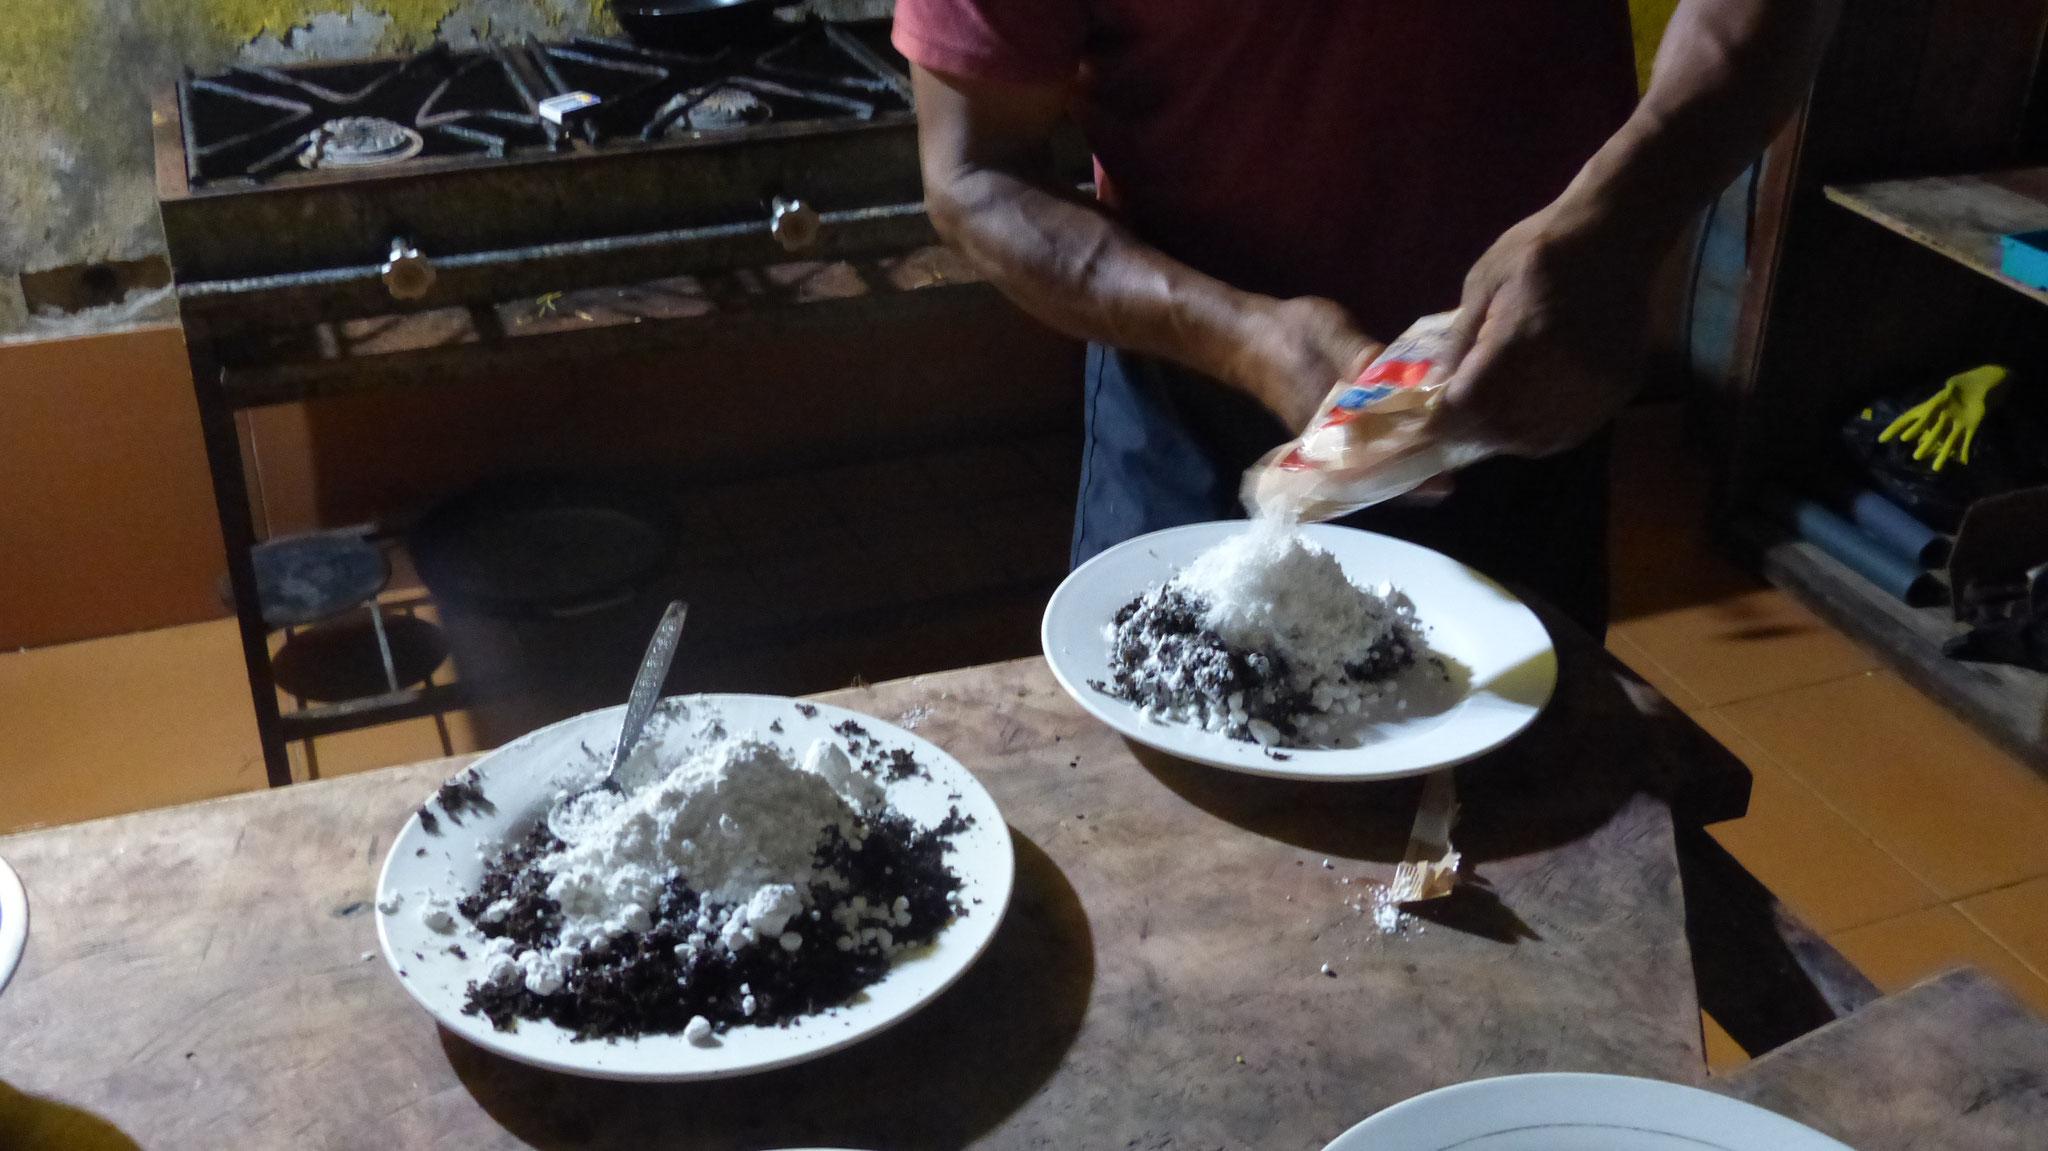 On met du sucre glace, puis on remoud... Après on peut travailler le chocolat en tablettes tout simplement !!